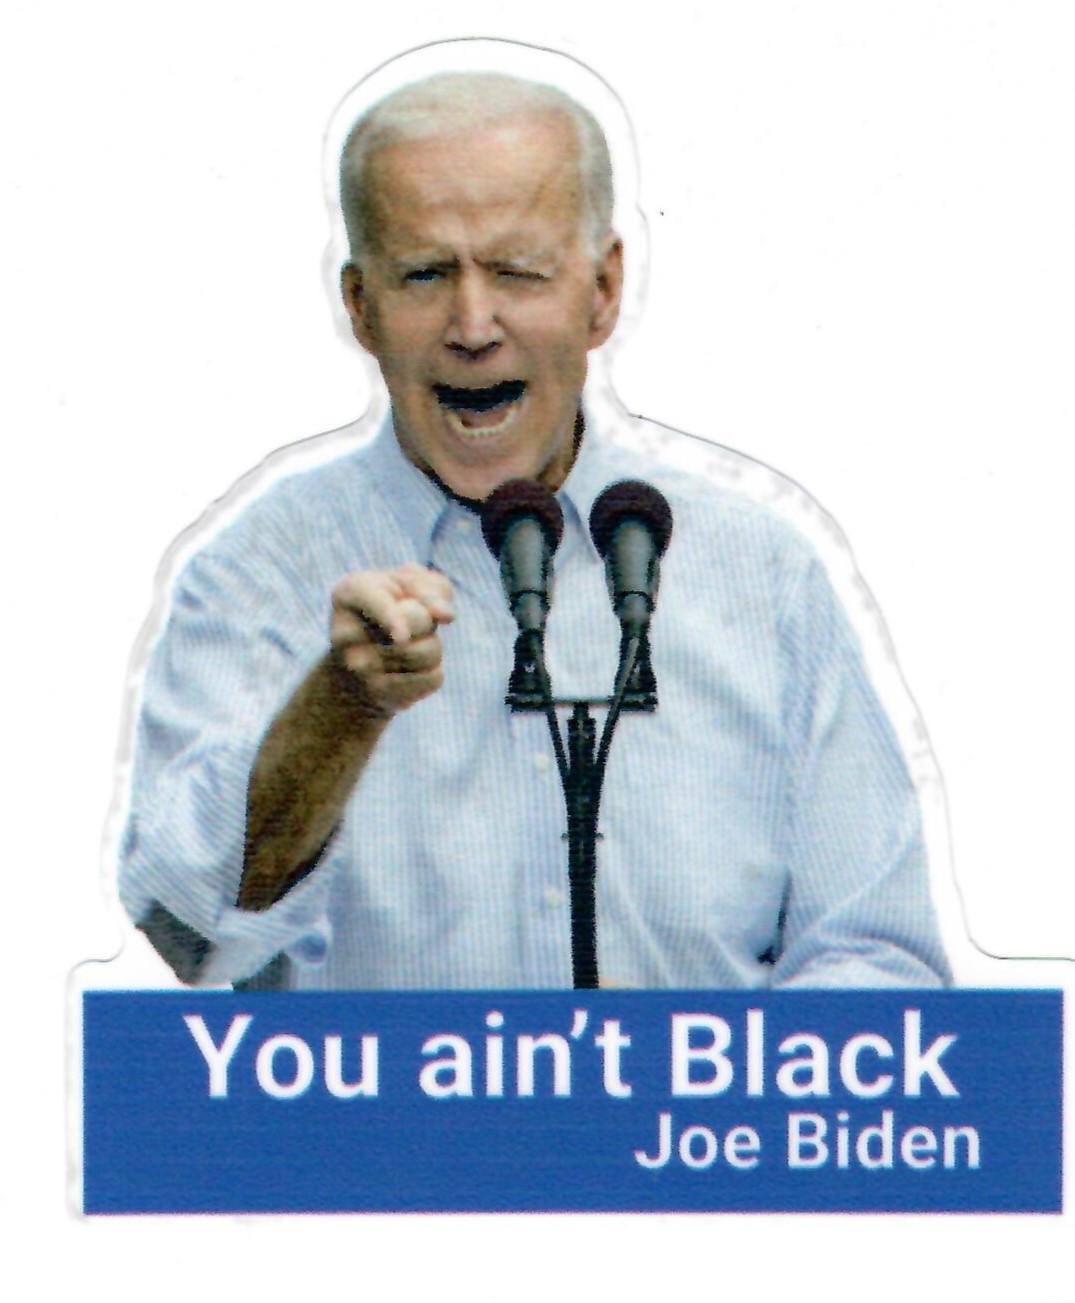 You ain't Black (Joe Biden)